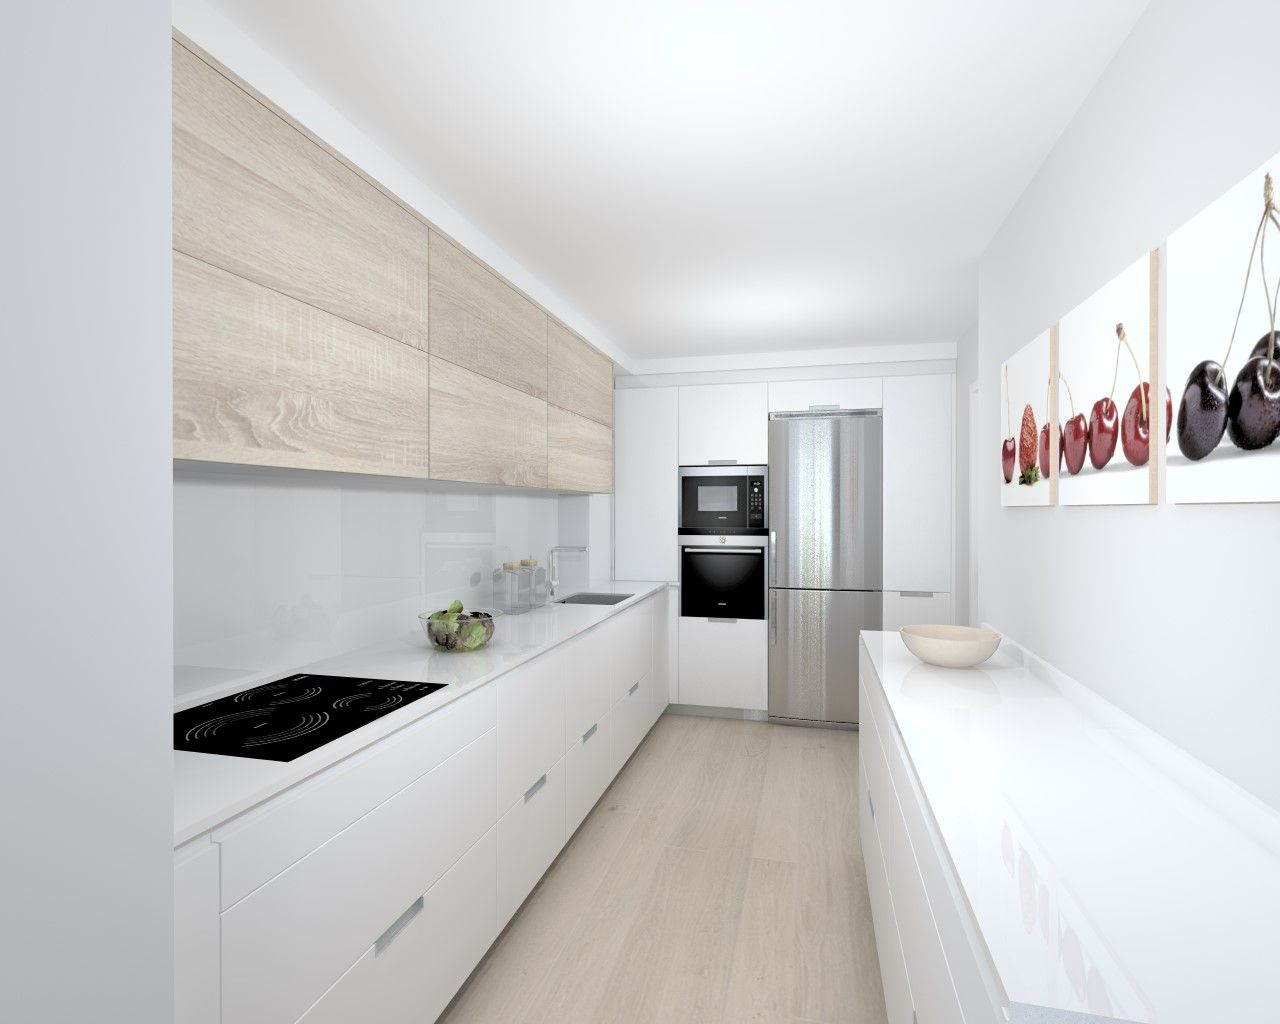 Equilibrio Entre El Blanco Y El Roble Cocina Blanca Y Madera Cocina Gris Y Blanca Cocinas De Casa